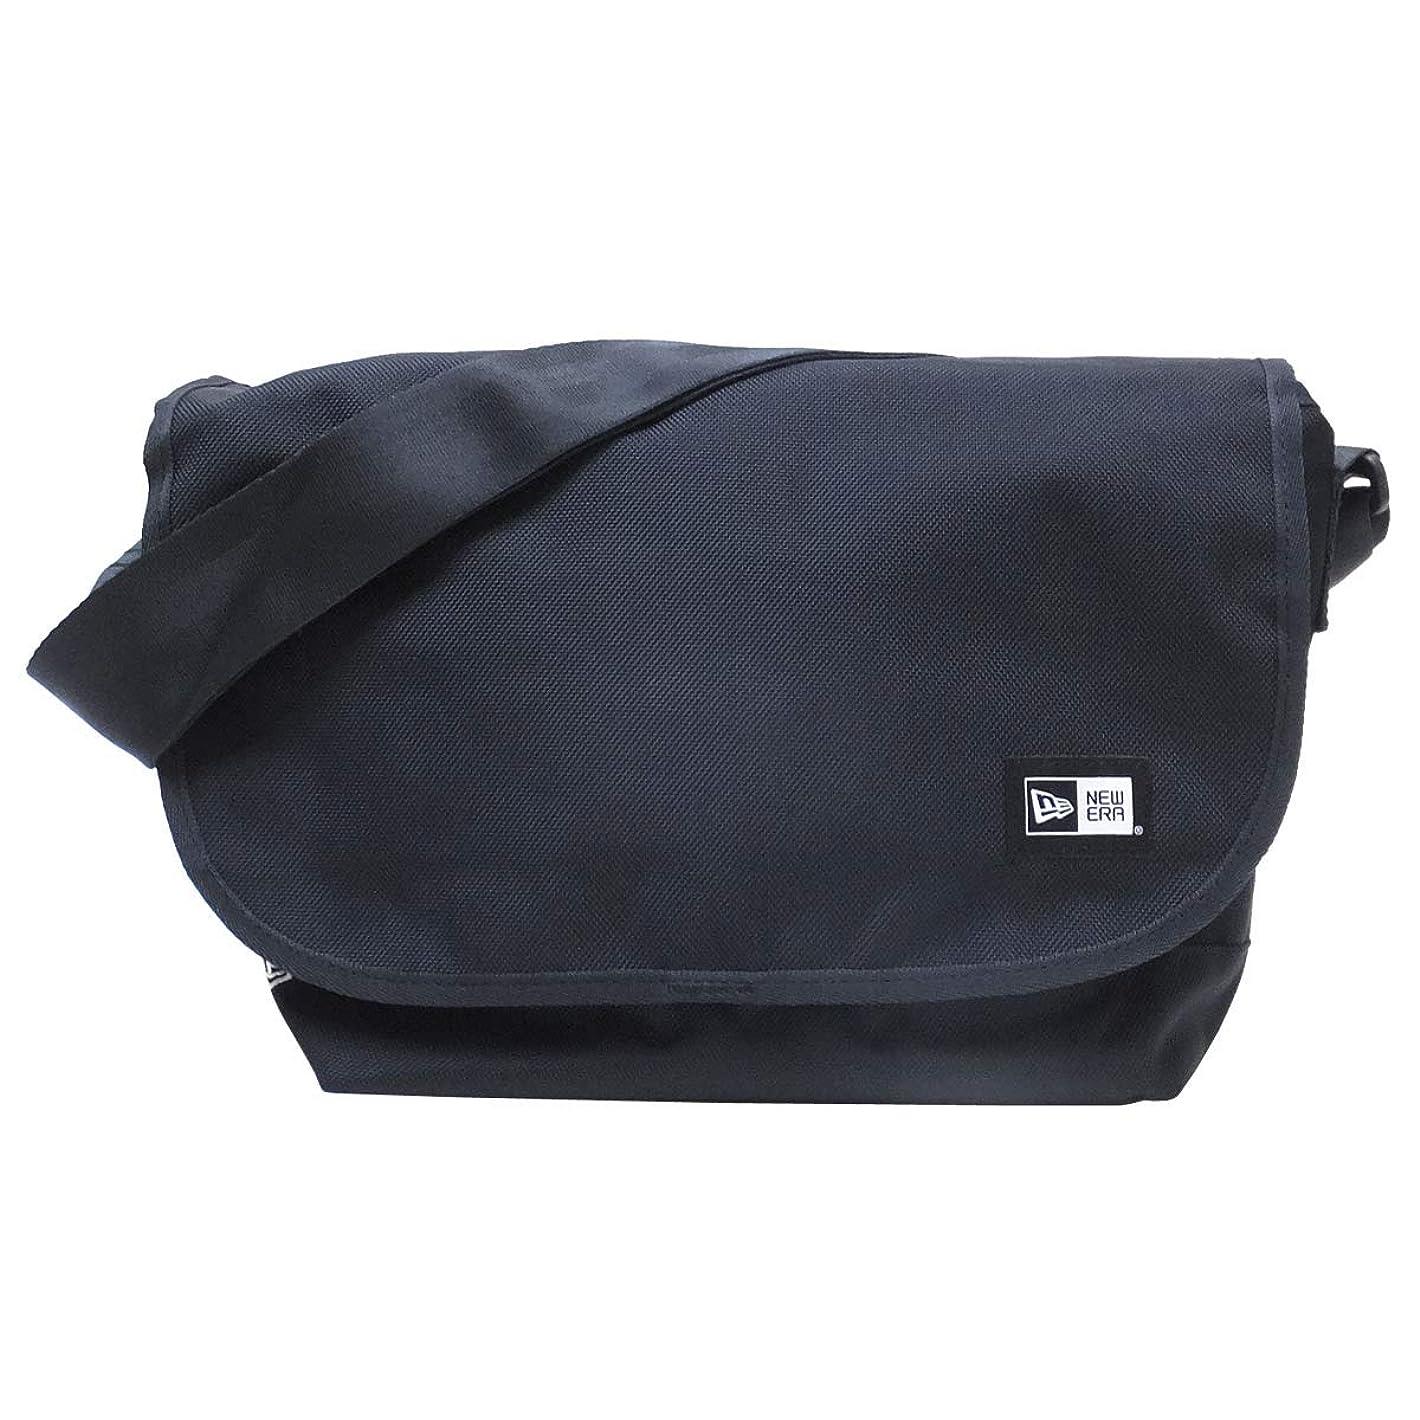 死サイト合法[New Era(ニューエラ)] ショルダーバッグ ネイビー SHOULDER BAG 11901488